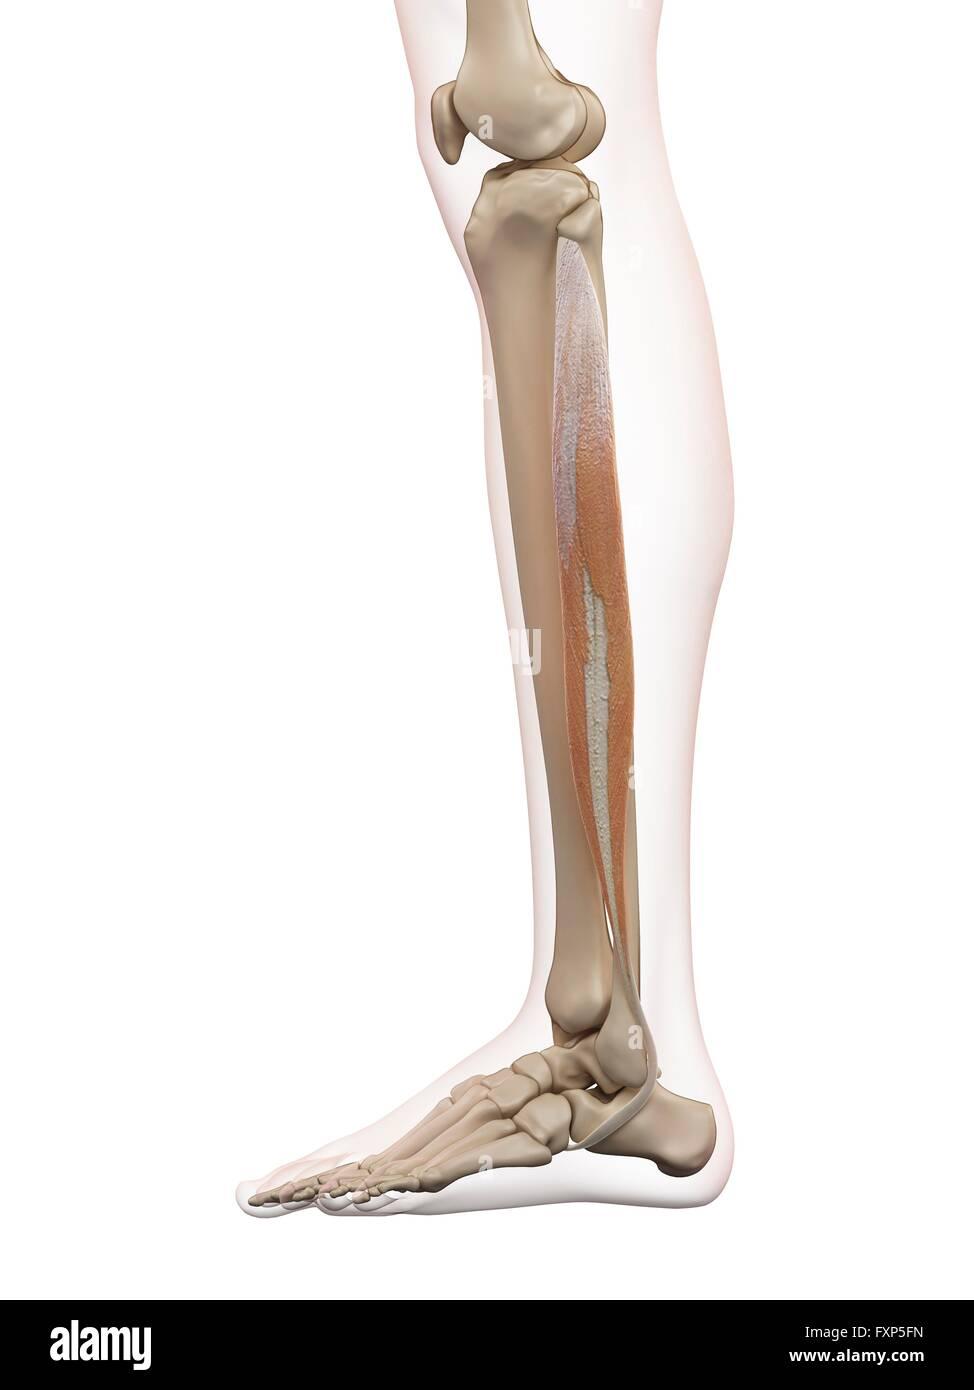 Menschliches Beinmuskeln, Computer Bild Stockfoto, Bild: 102520201 ...